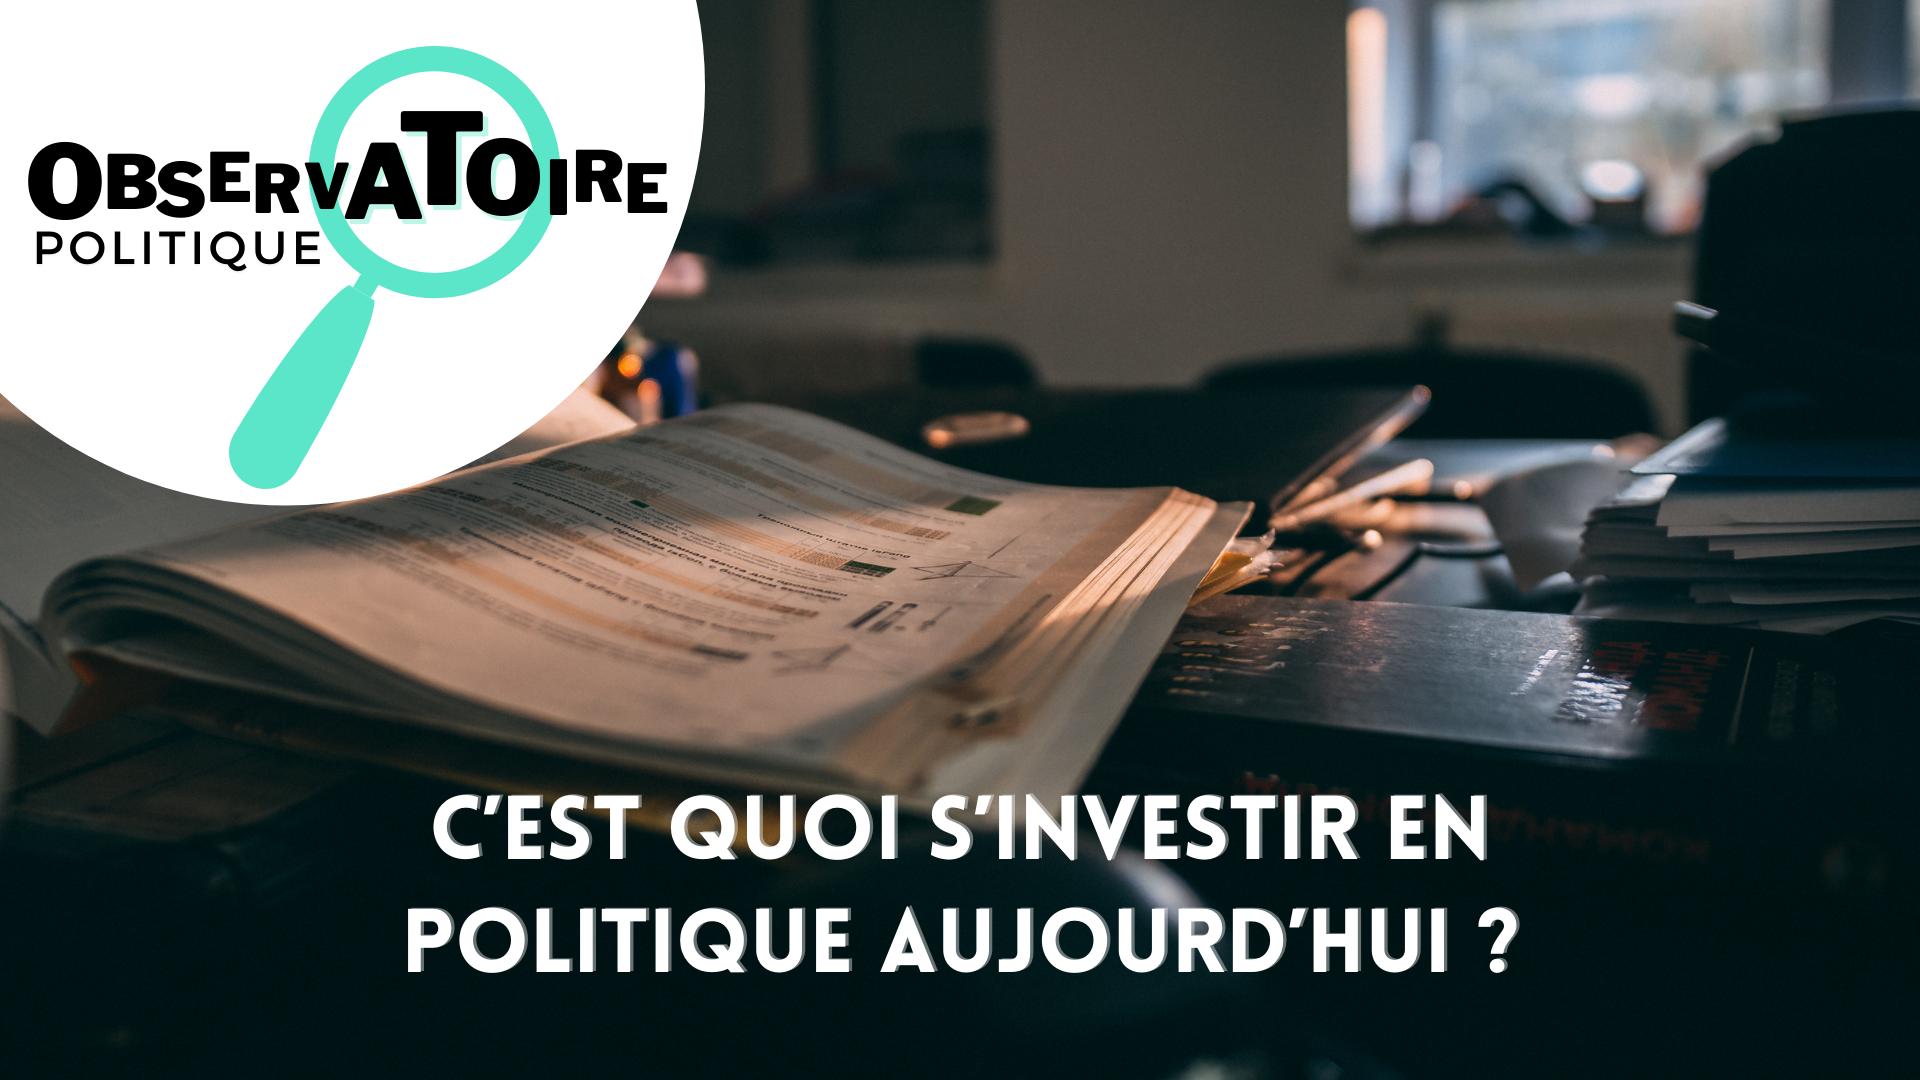 Observatoire politque s investir en politique